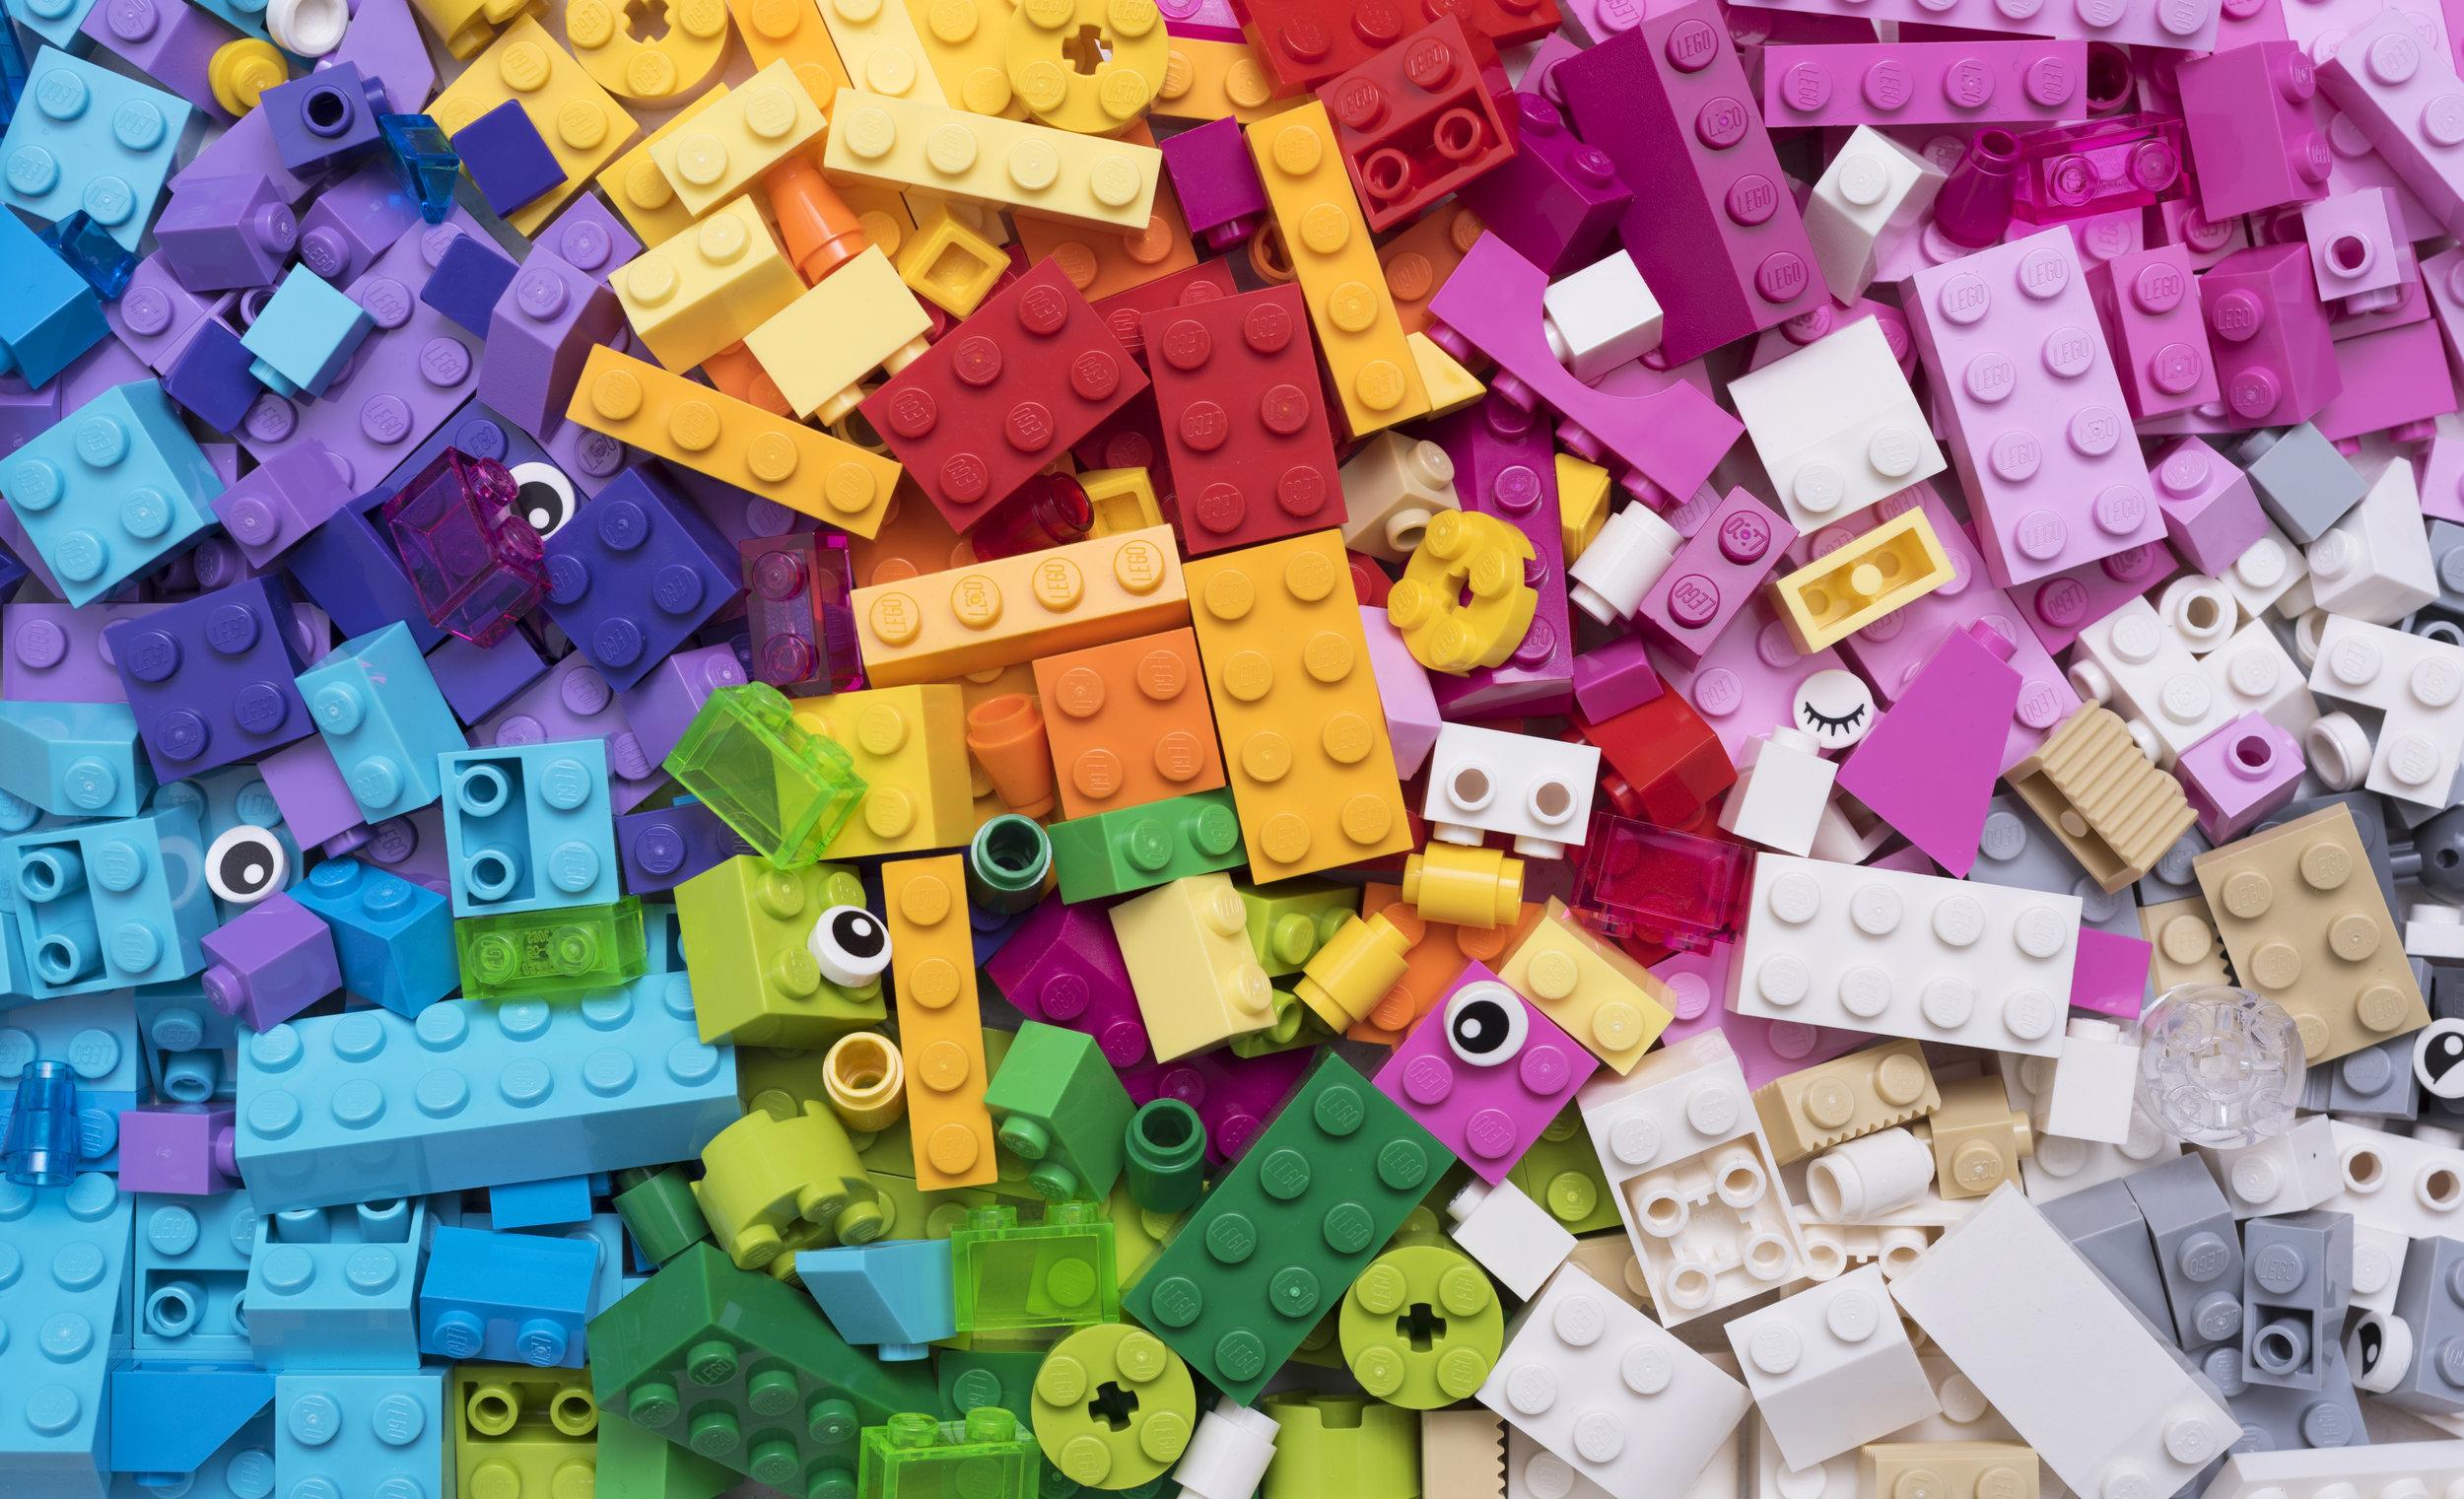 Lego is an eBay best-seller